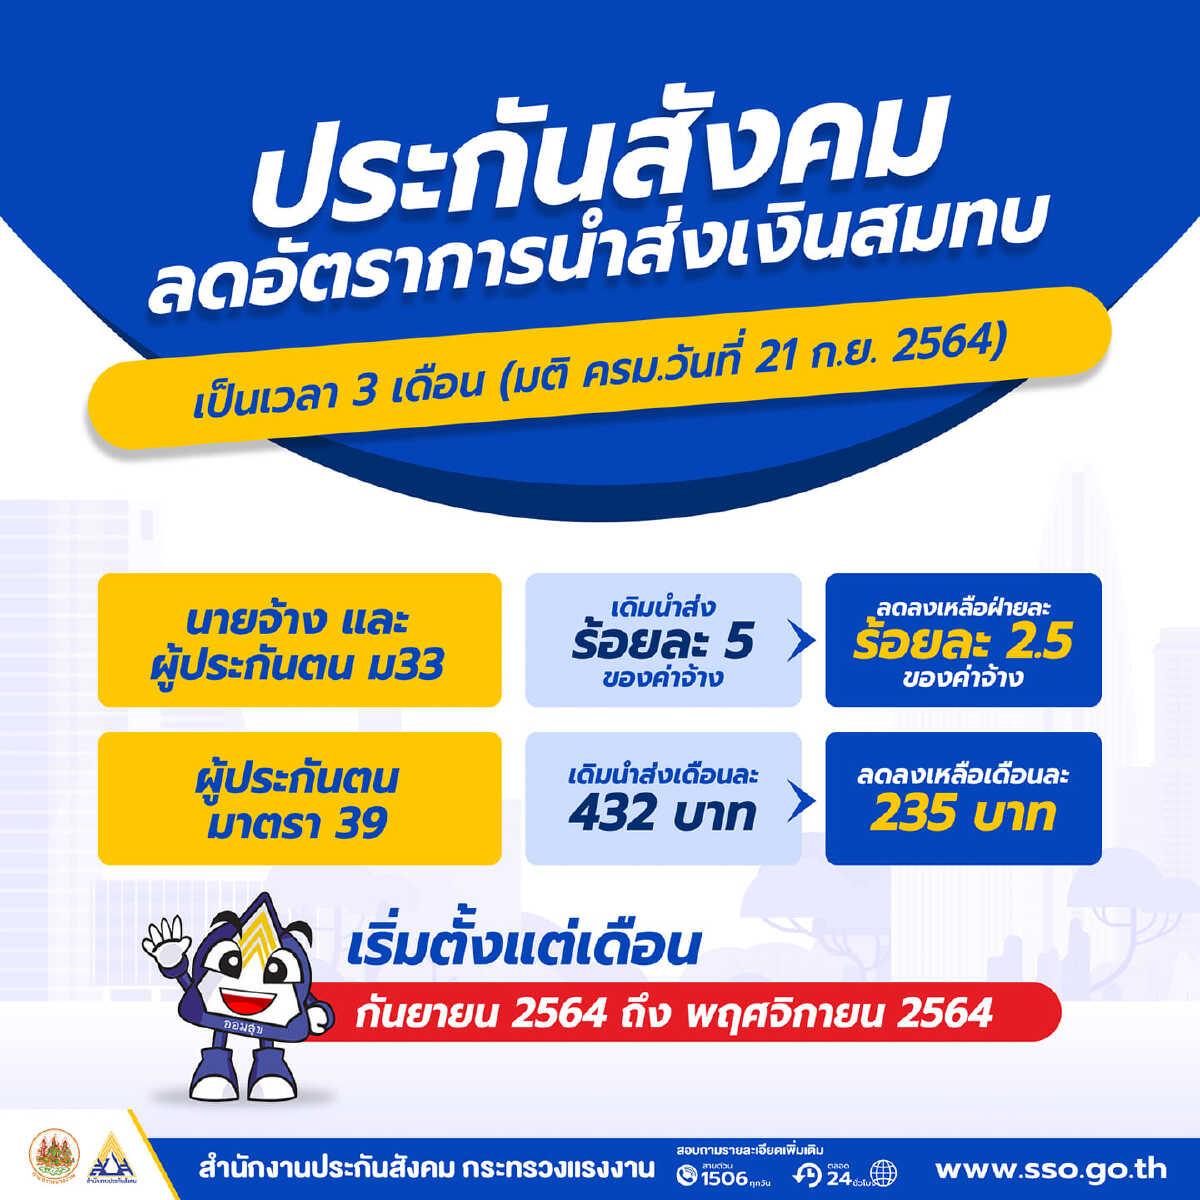 ประกันสังคมเงินเยียวยามาตรา 33 เช็ควันโอนรอบ 2 รับ 2500 บาท